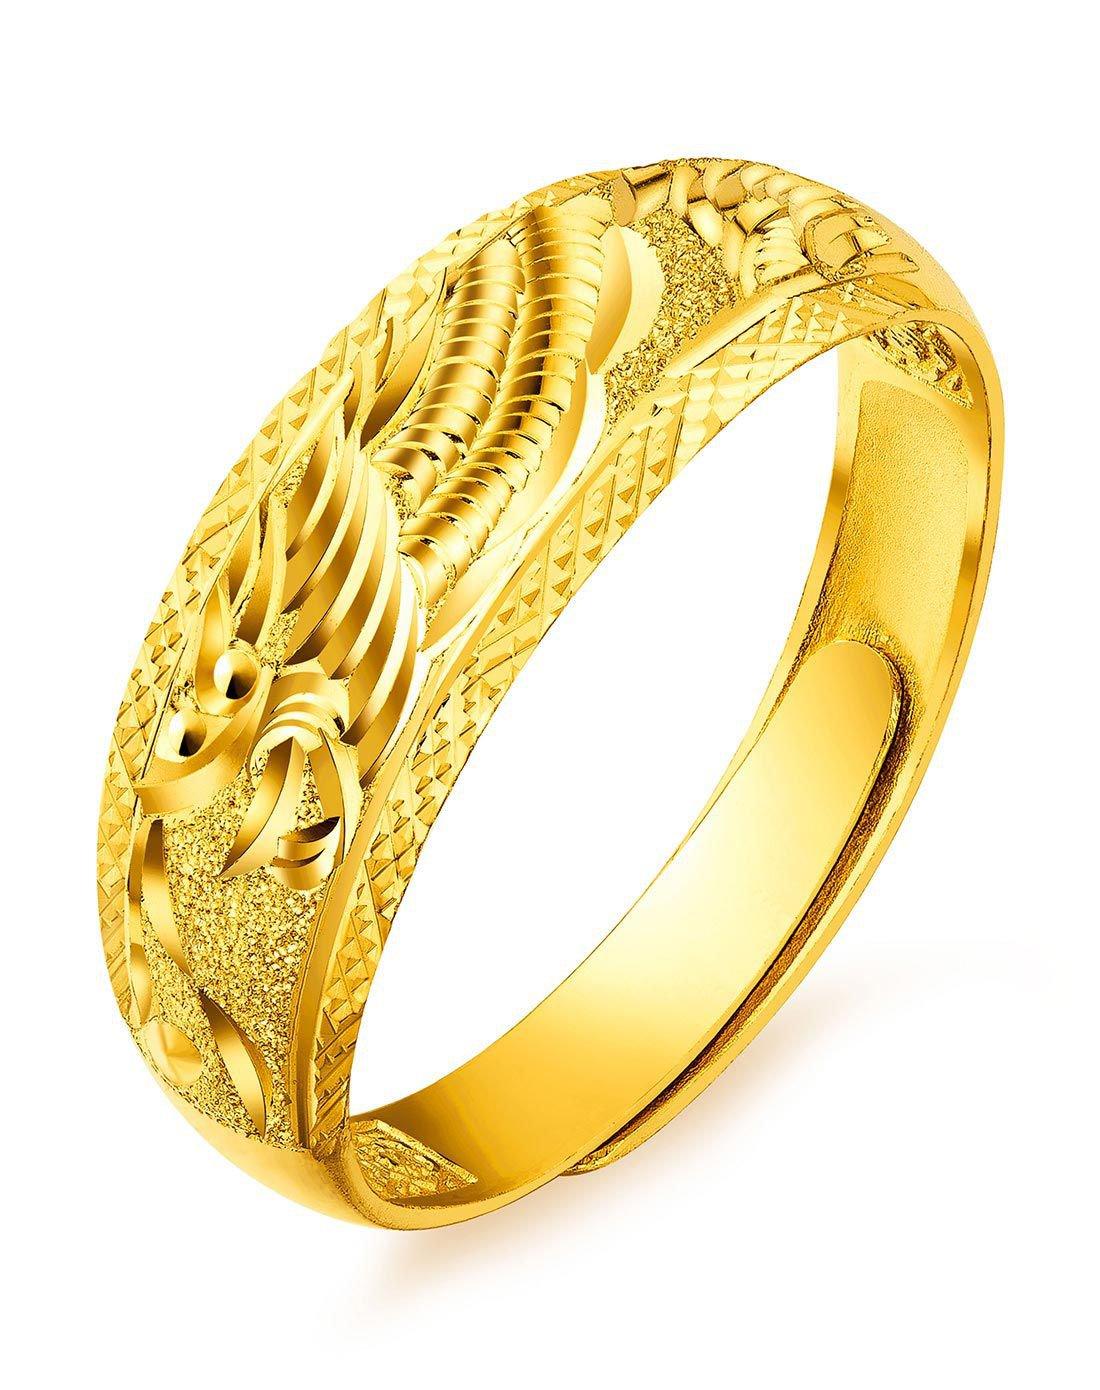 六福珠宝六福珠宝 足金龙凤结婚对戒黄金戒指男款婚戒活口戒 计价B01TBGR0019